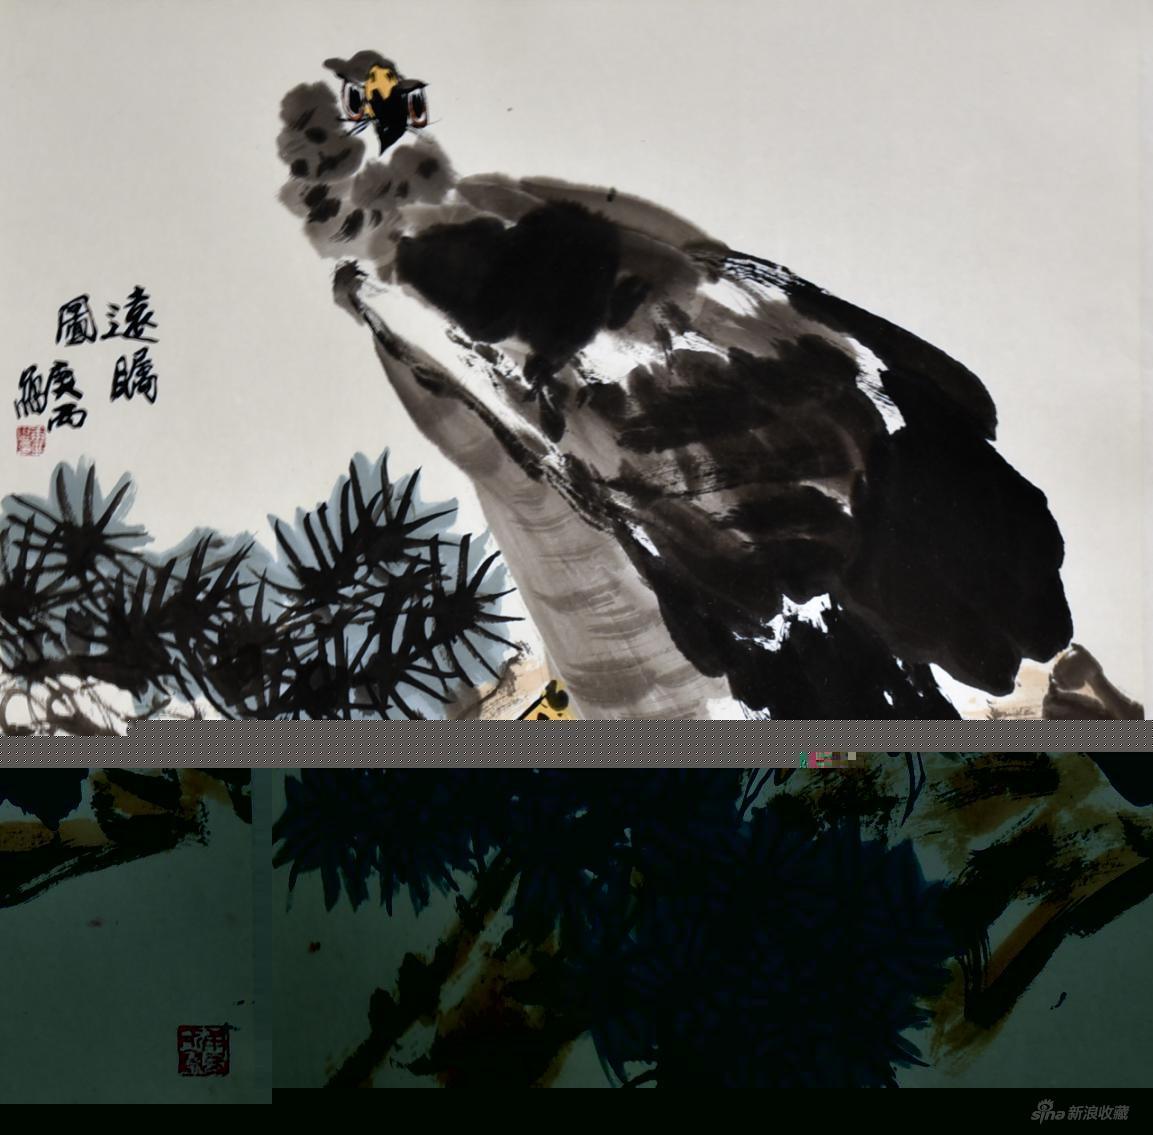 作品名称:《远瞩图》作者:詹庚西 尺寸:69cm×69cm